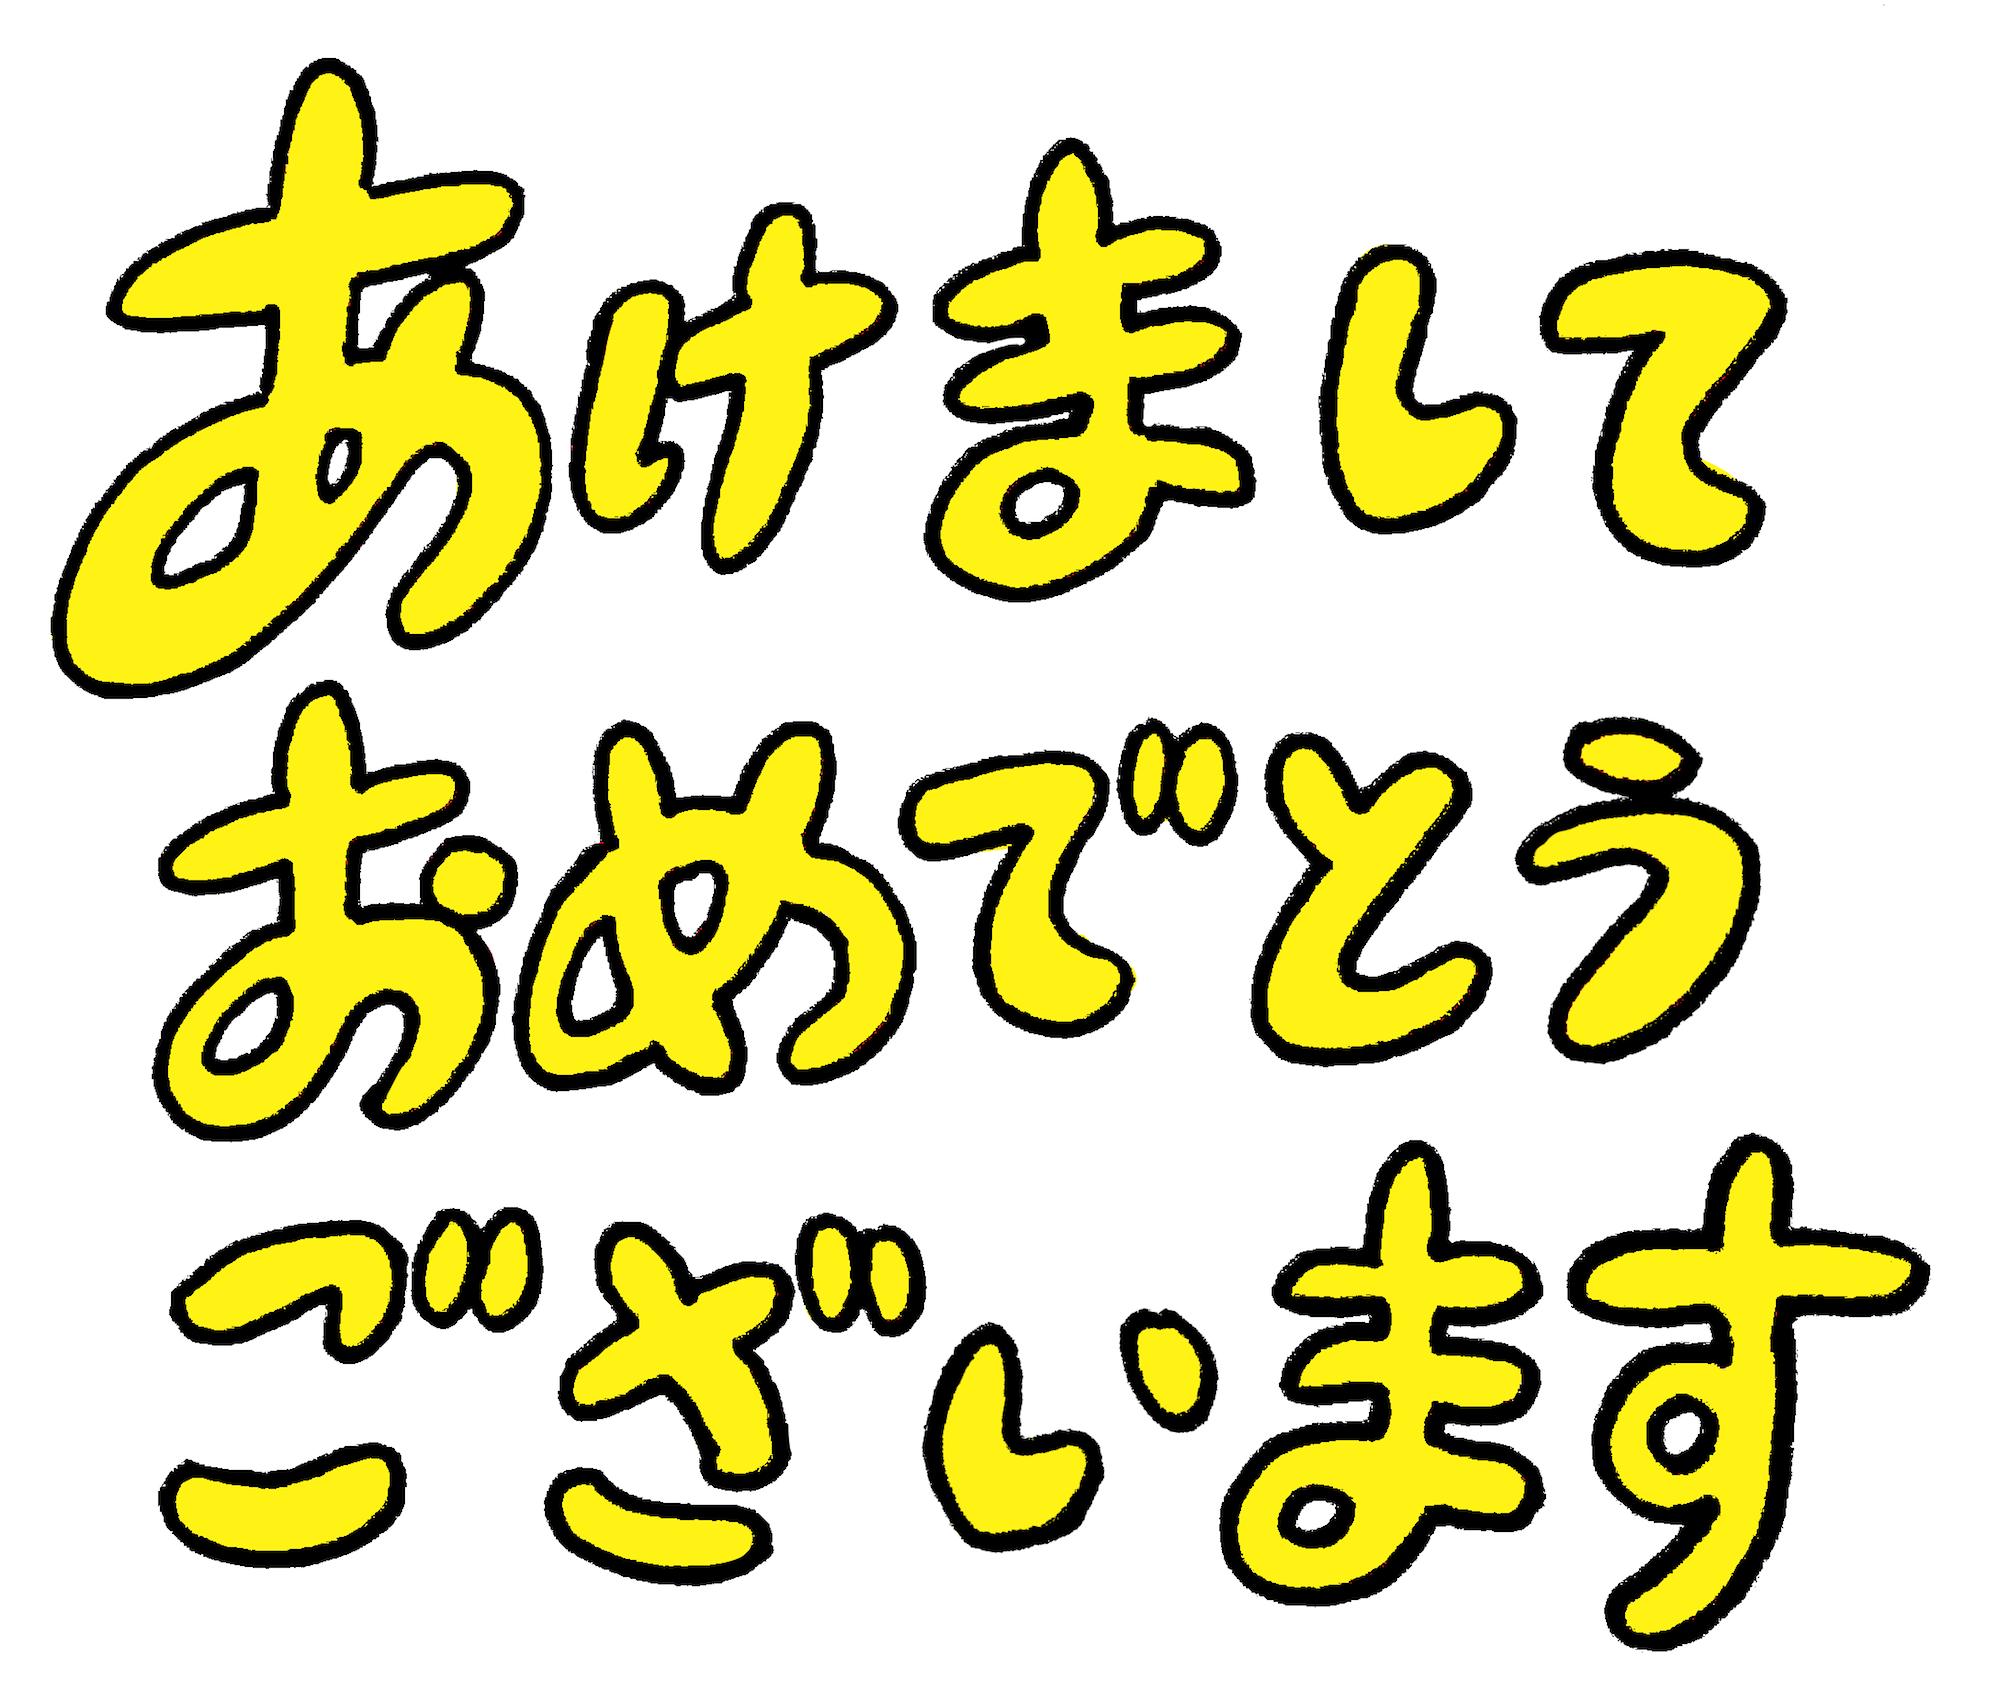 あけましておめでとうございます袋文字☆無料年賀状素材 | 無料